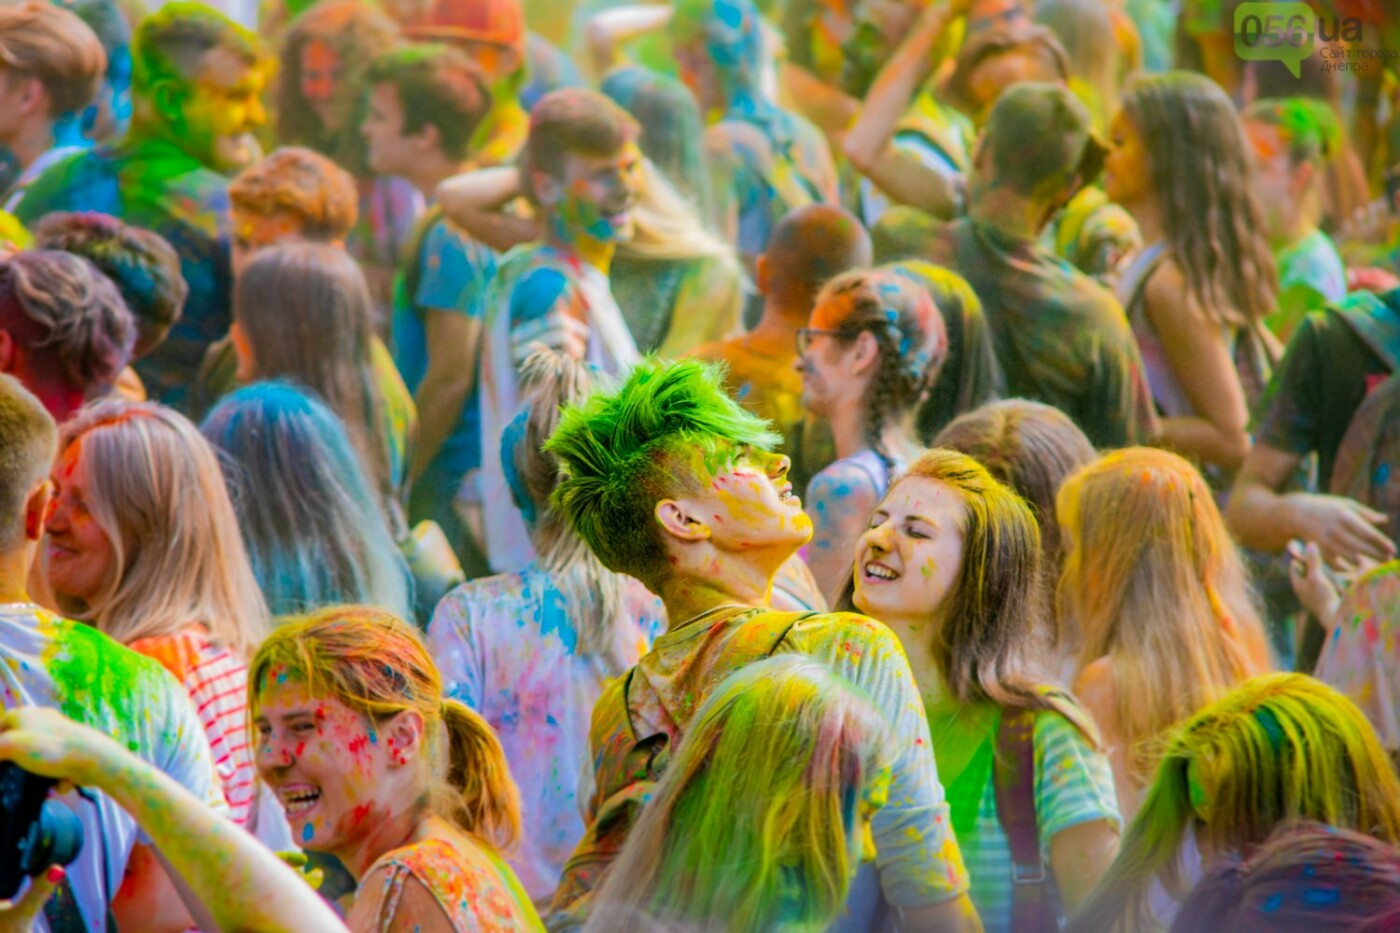 Фестиваль красок и свадьбы: как в Днепре прошел День молодежи, - ФОТОРЕПОРТАЖ, ВИДЕО, фото-6